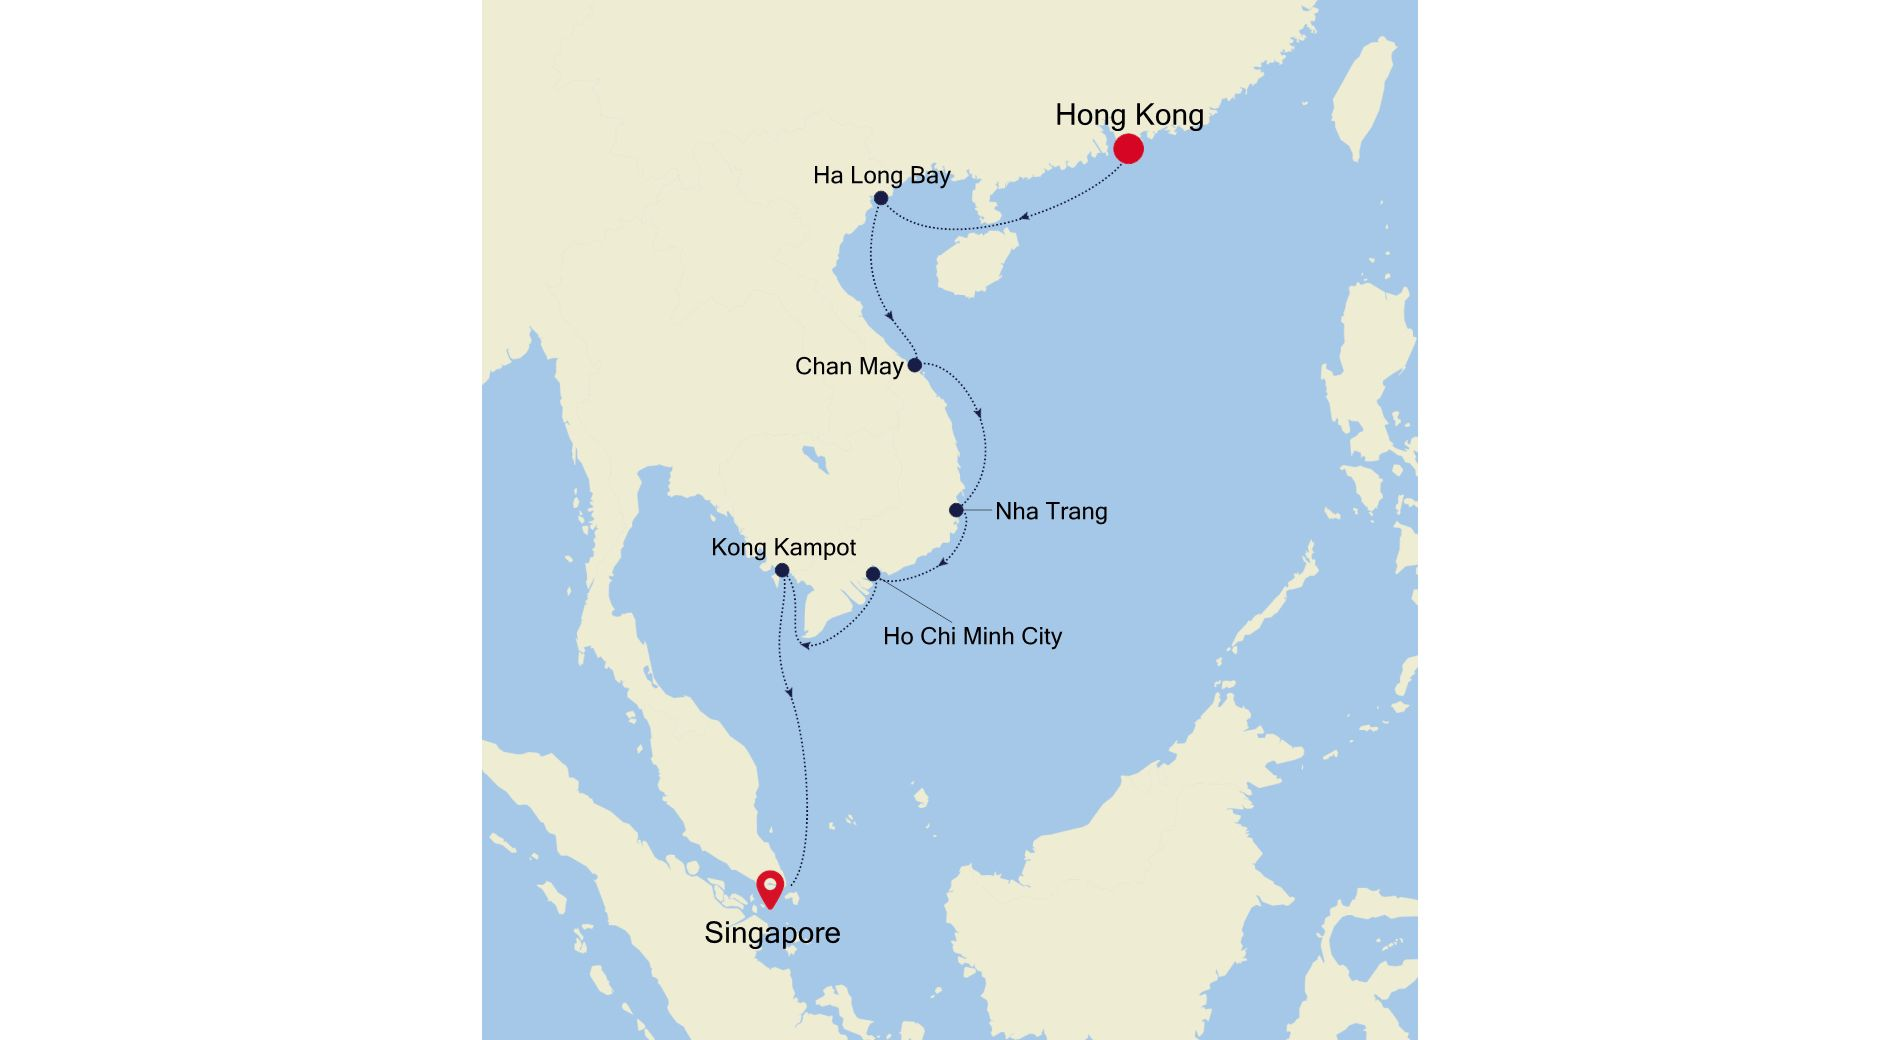 MO211221015 - Hong Kong à Singapore